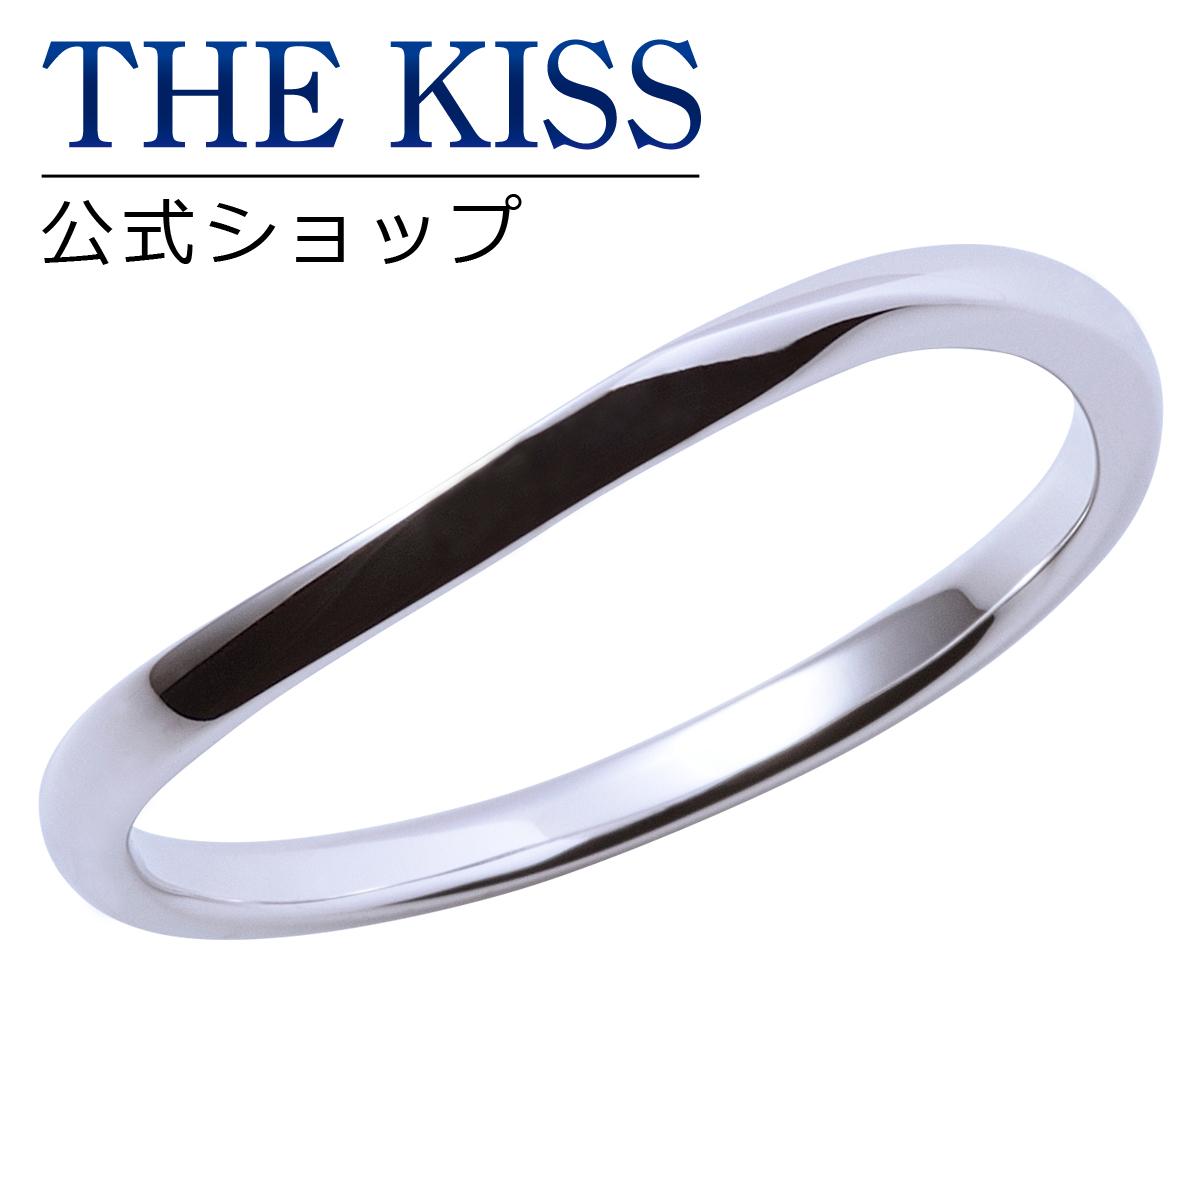 【あす楽対応】【2018年クリスマス限定】【送料無料】【THE KISS sweets】【ペアリング】 K10ホワイトゴールド メンズ リング (メンズ単品) 2018-04RWG ☆ ゴールド ペア リング 指輪 ブランド GOLD Pair Ring couple